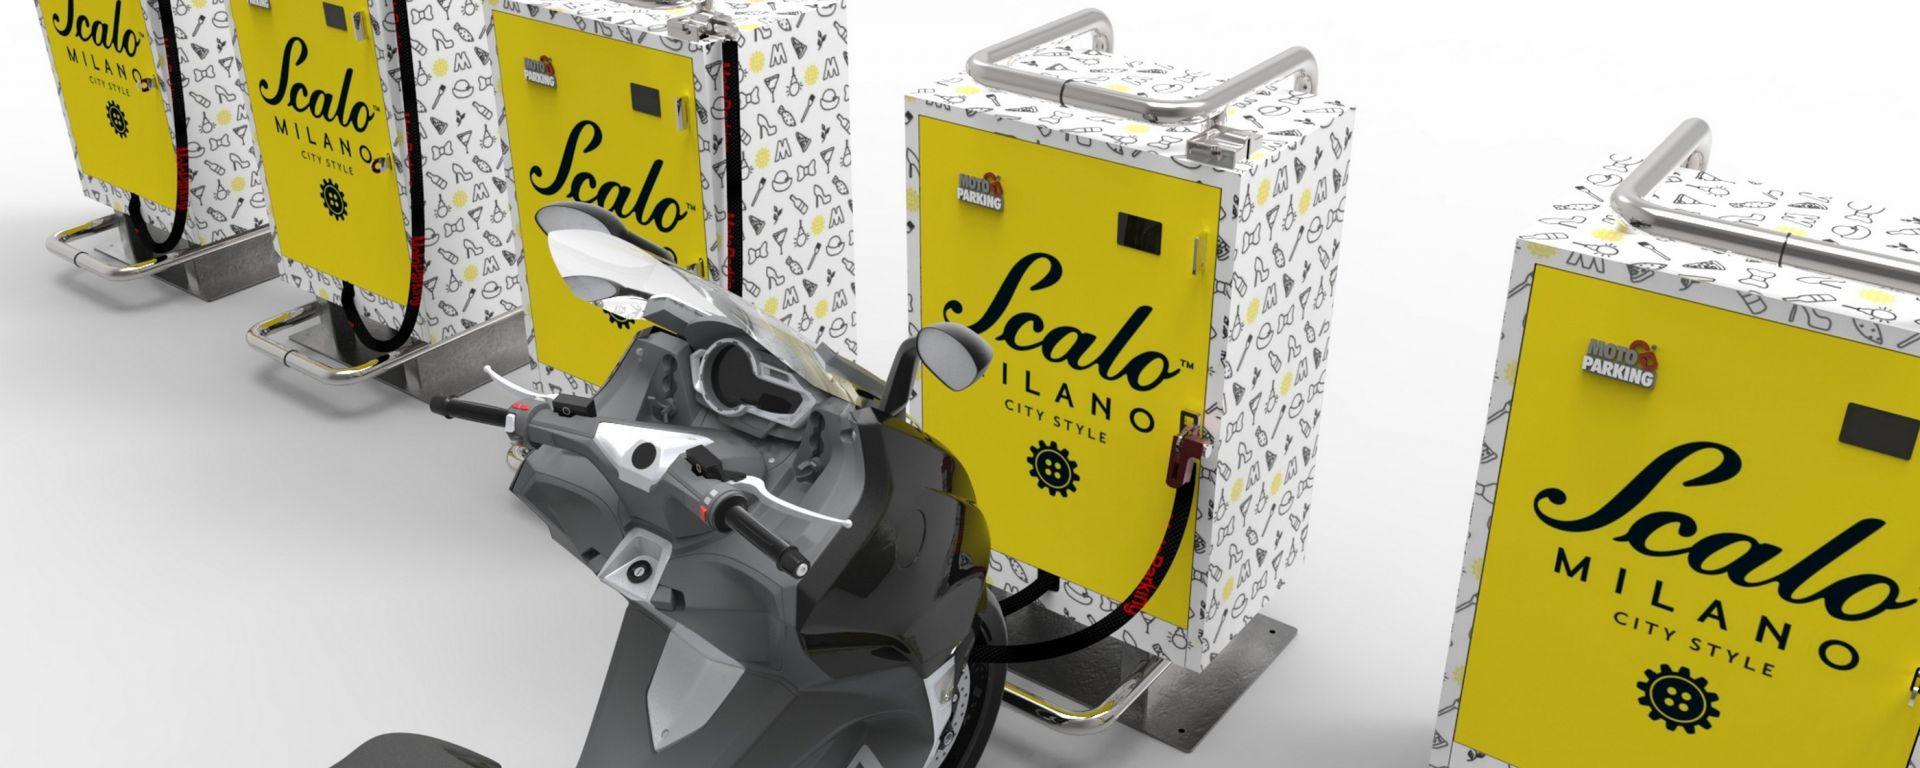 MotoParking: il debutto italiano è al centro commerciale Scalo Milano